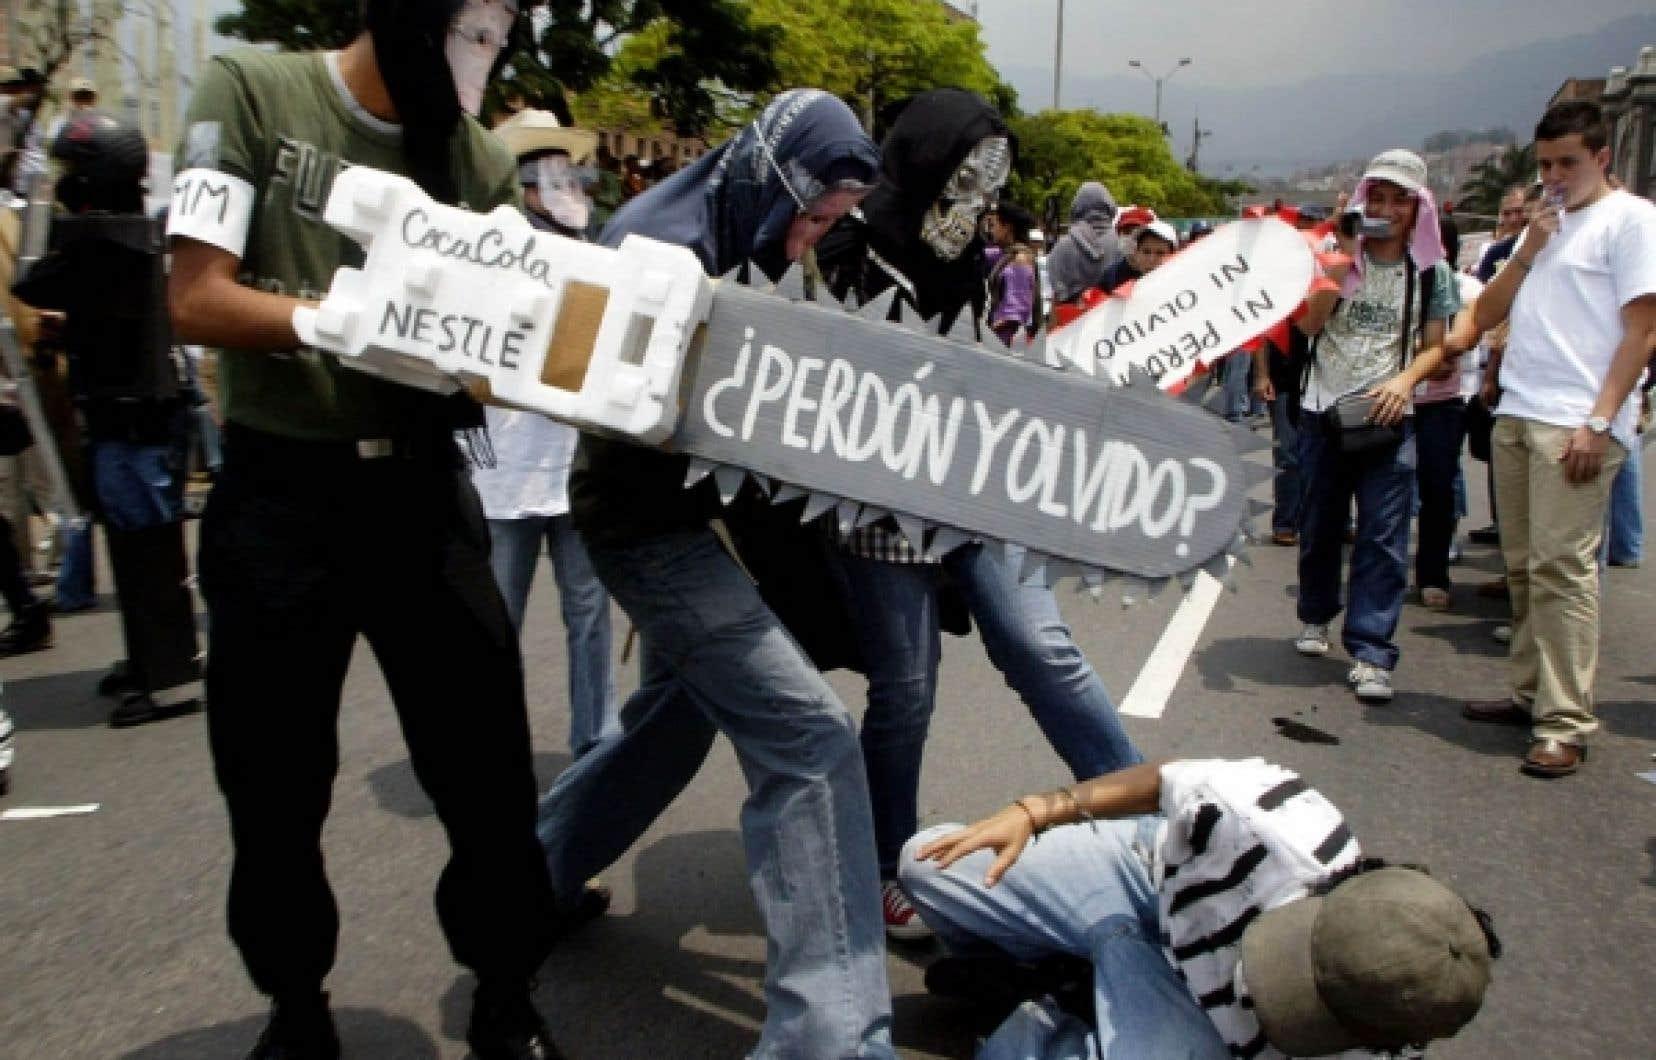 Dans un pays, la Colombie, où les deux tiers des travailleurs ne sont pas syndiqués, où ceux qui le sont ont des droits limités, où l'exercice syndical présente trop souvent un danger, il n'est pas évident de revendiquer, de manifester et encore moins d'assurer une relève.